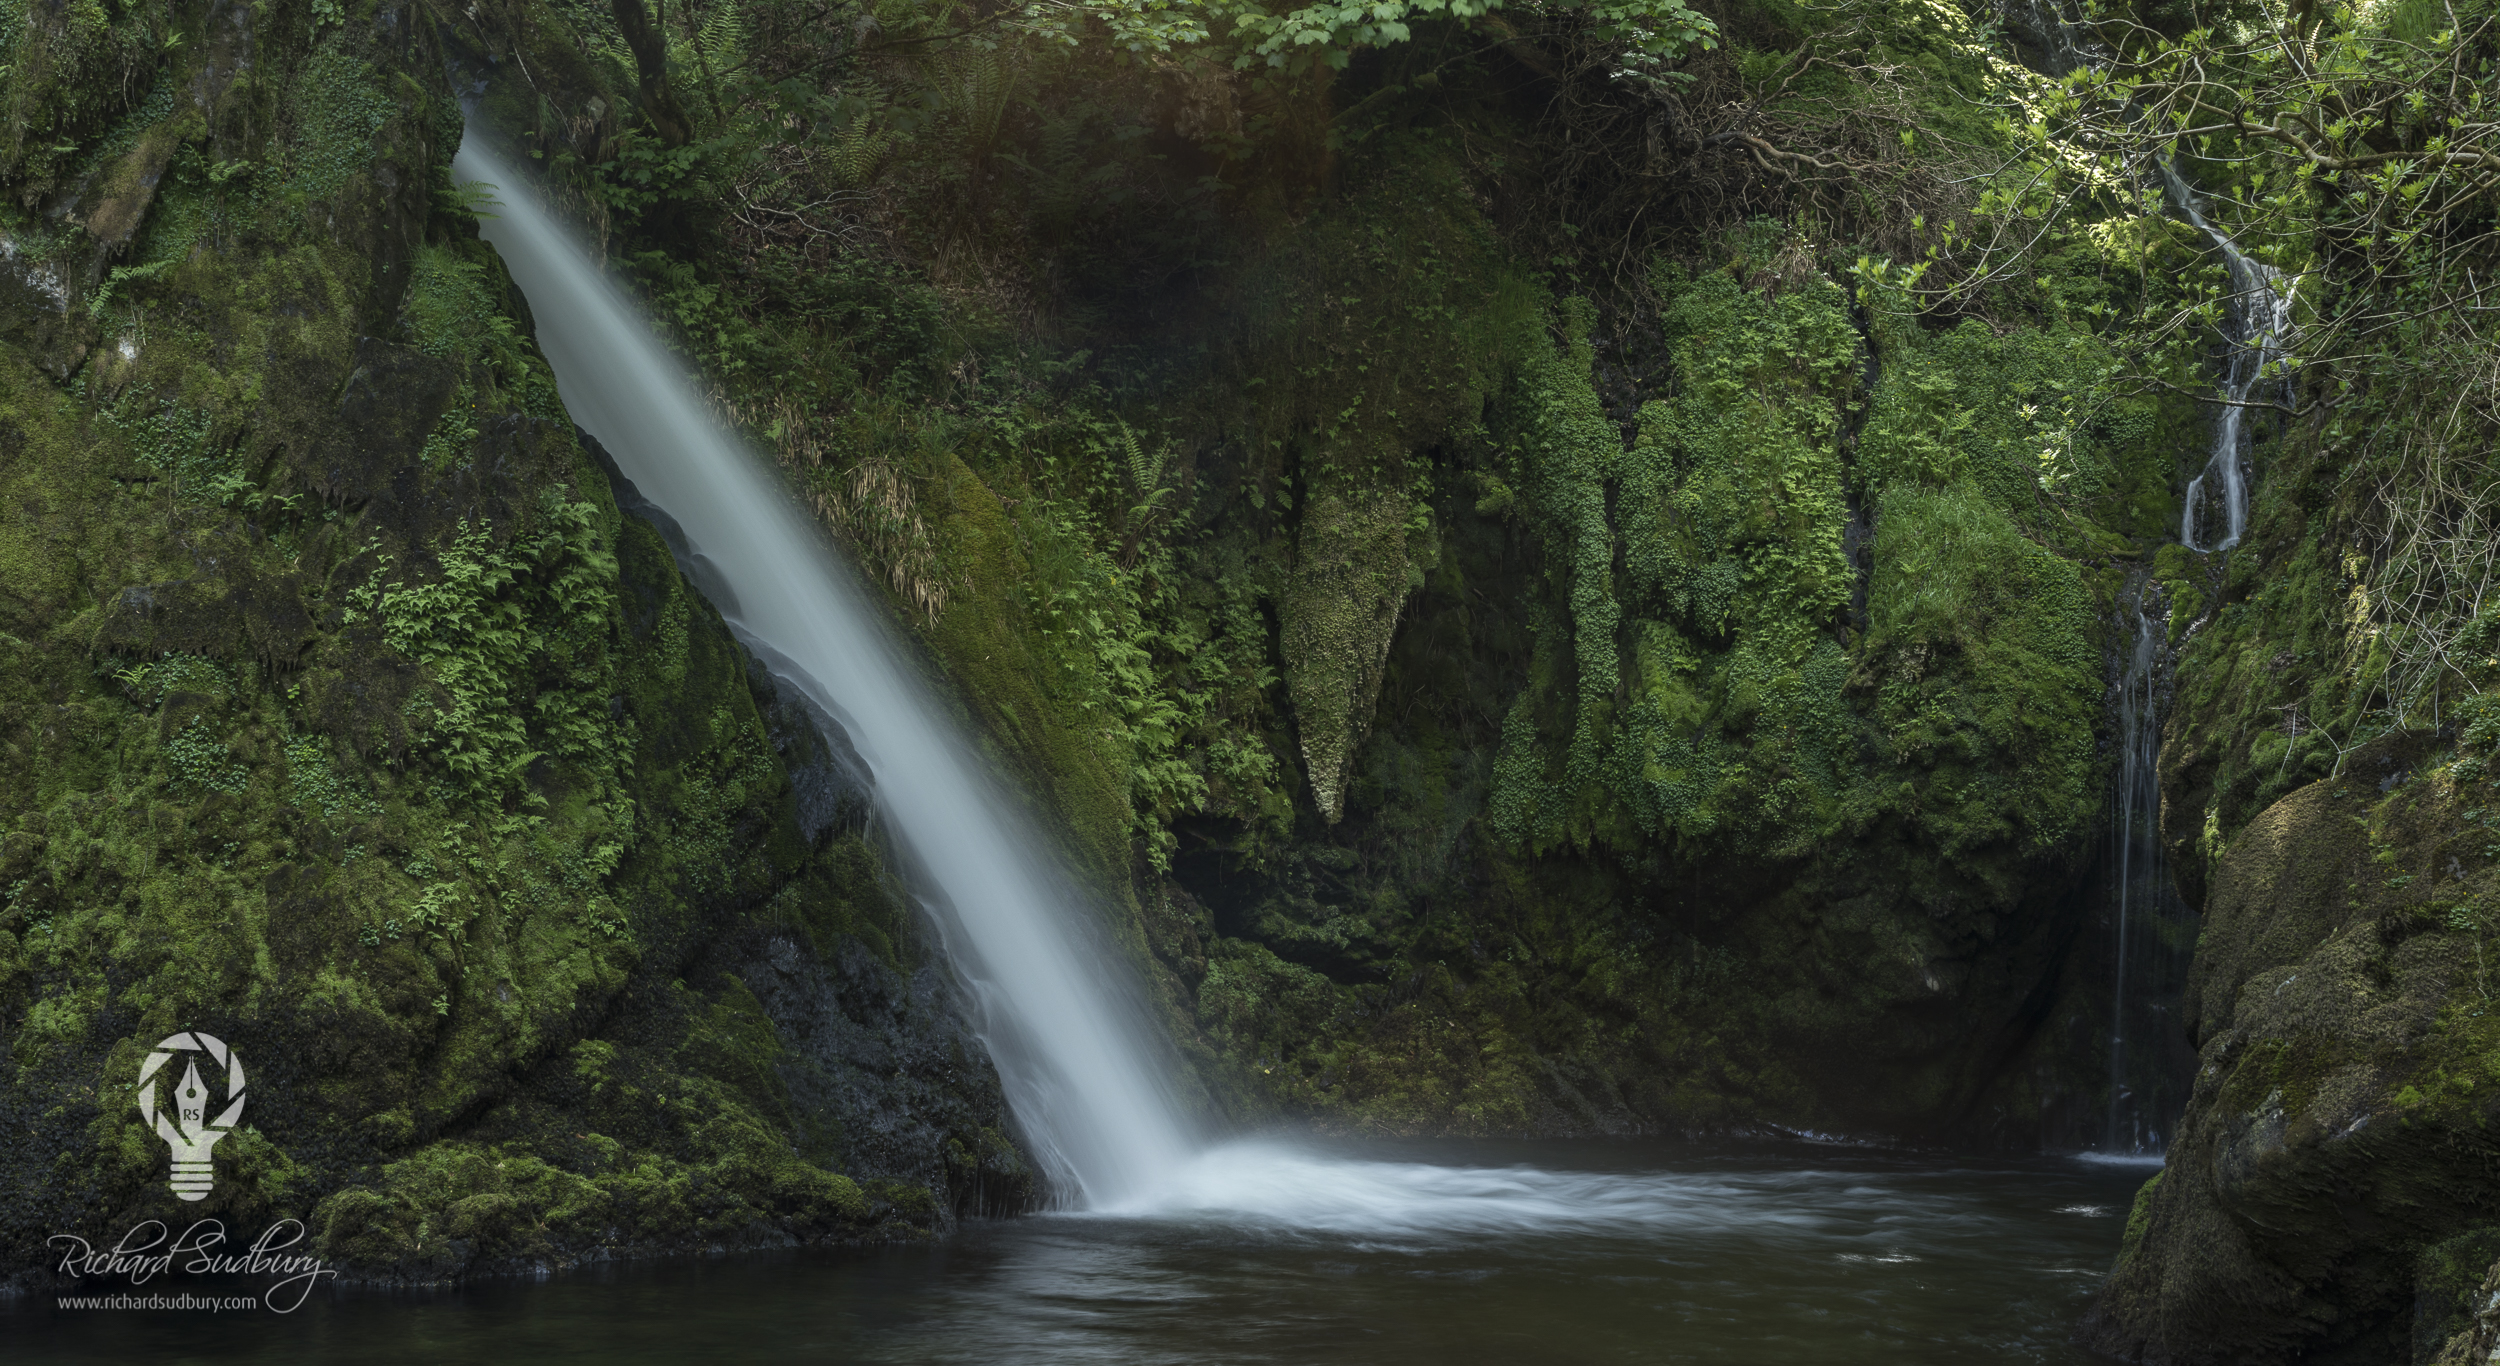 Ceunant Mawr Falls